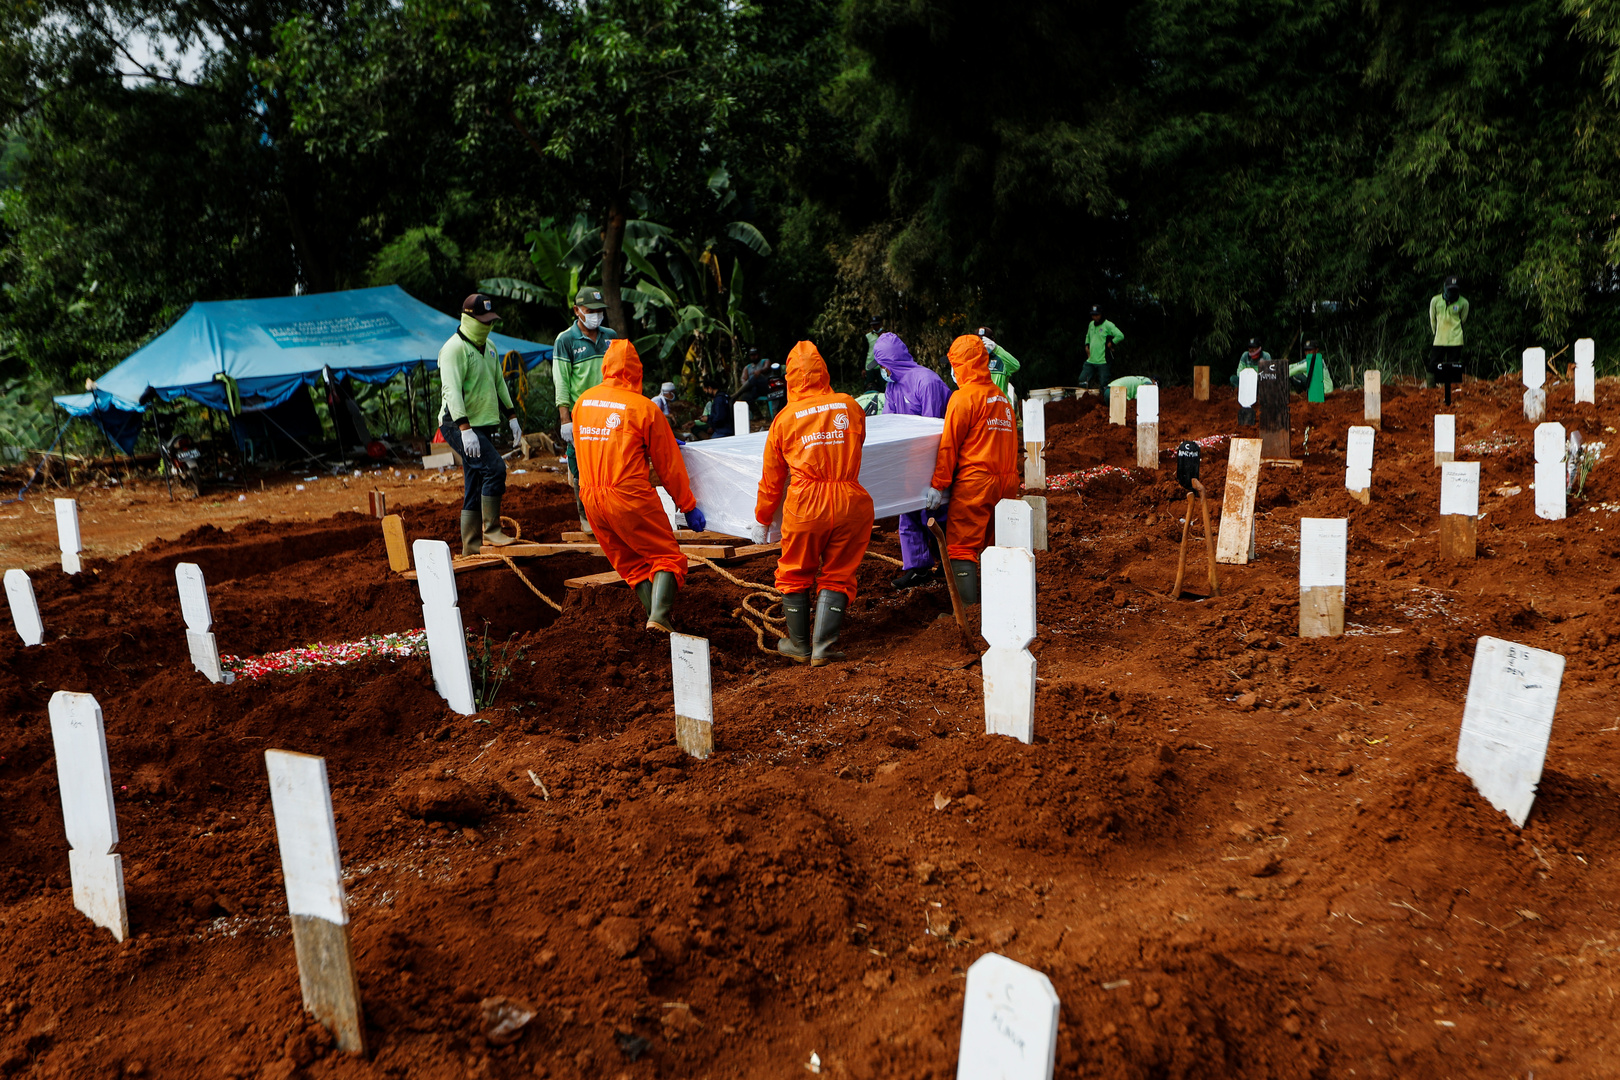 إندونيسيا تسجل 70 وفاة جديدة بفيروس كورونا